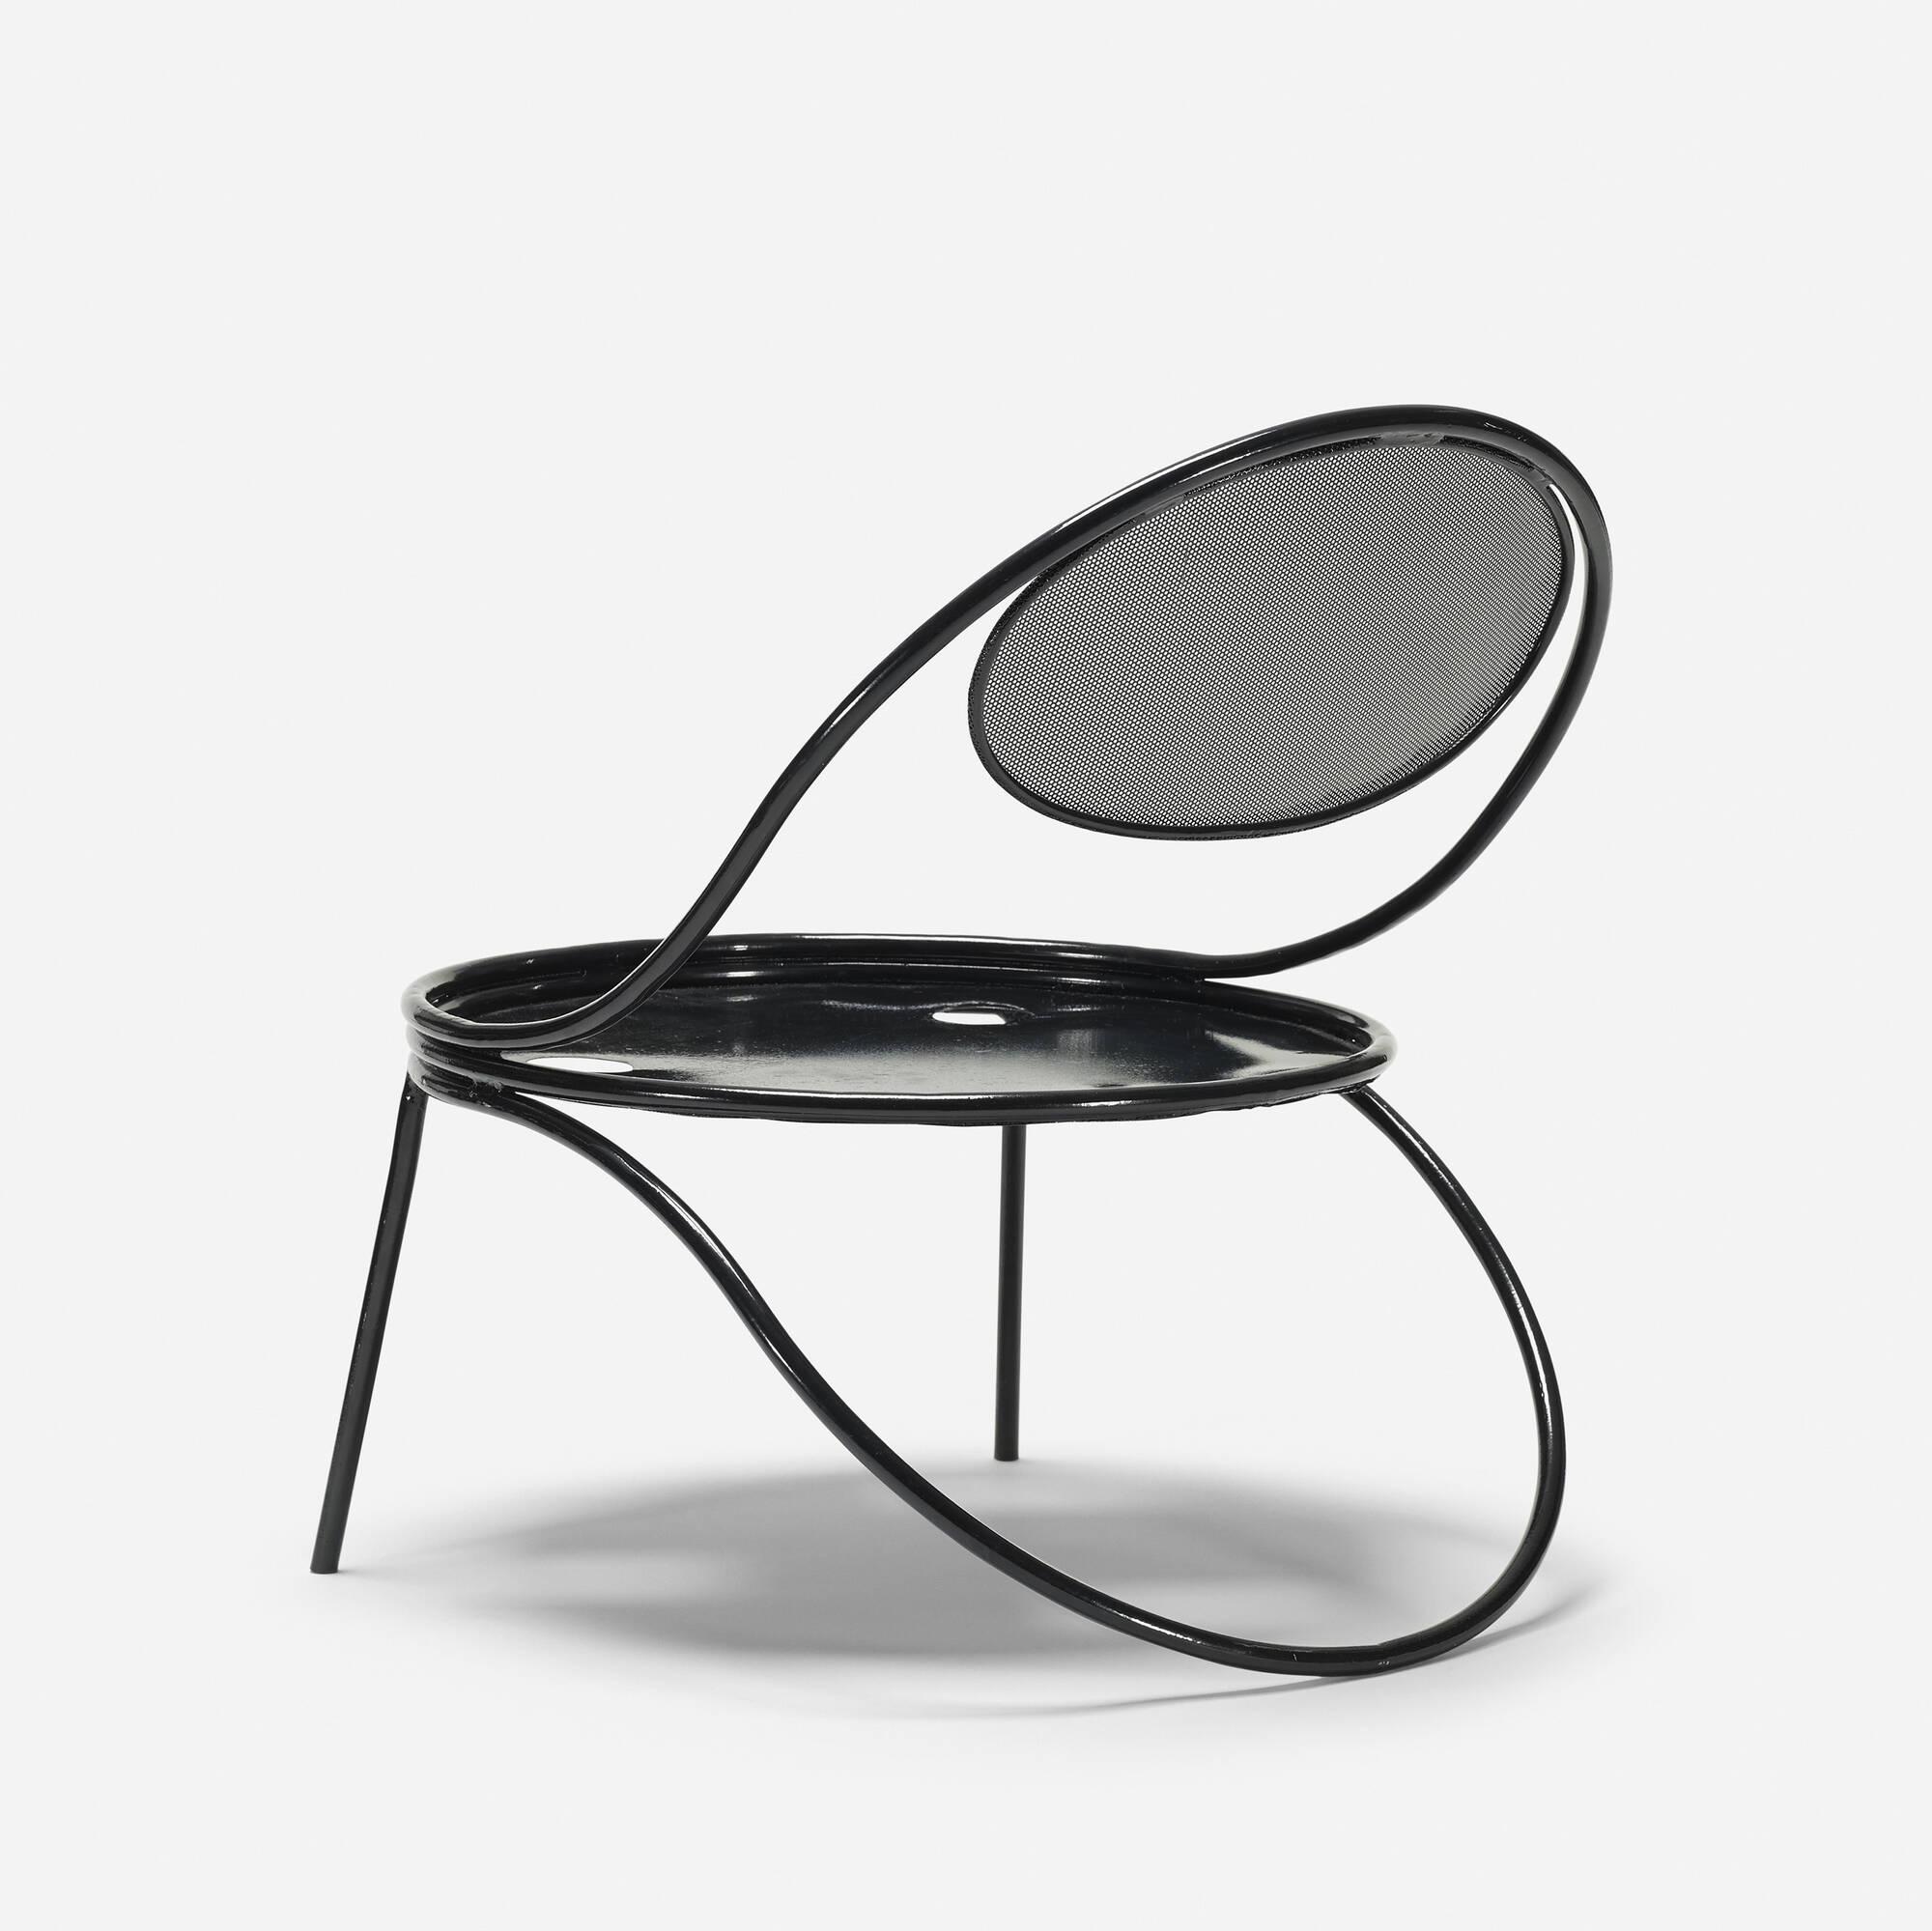 120 mathieu mat got copacabana chair. Black Bedroom Furniture Sets. Home Design Ideas